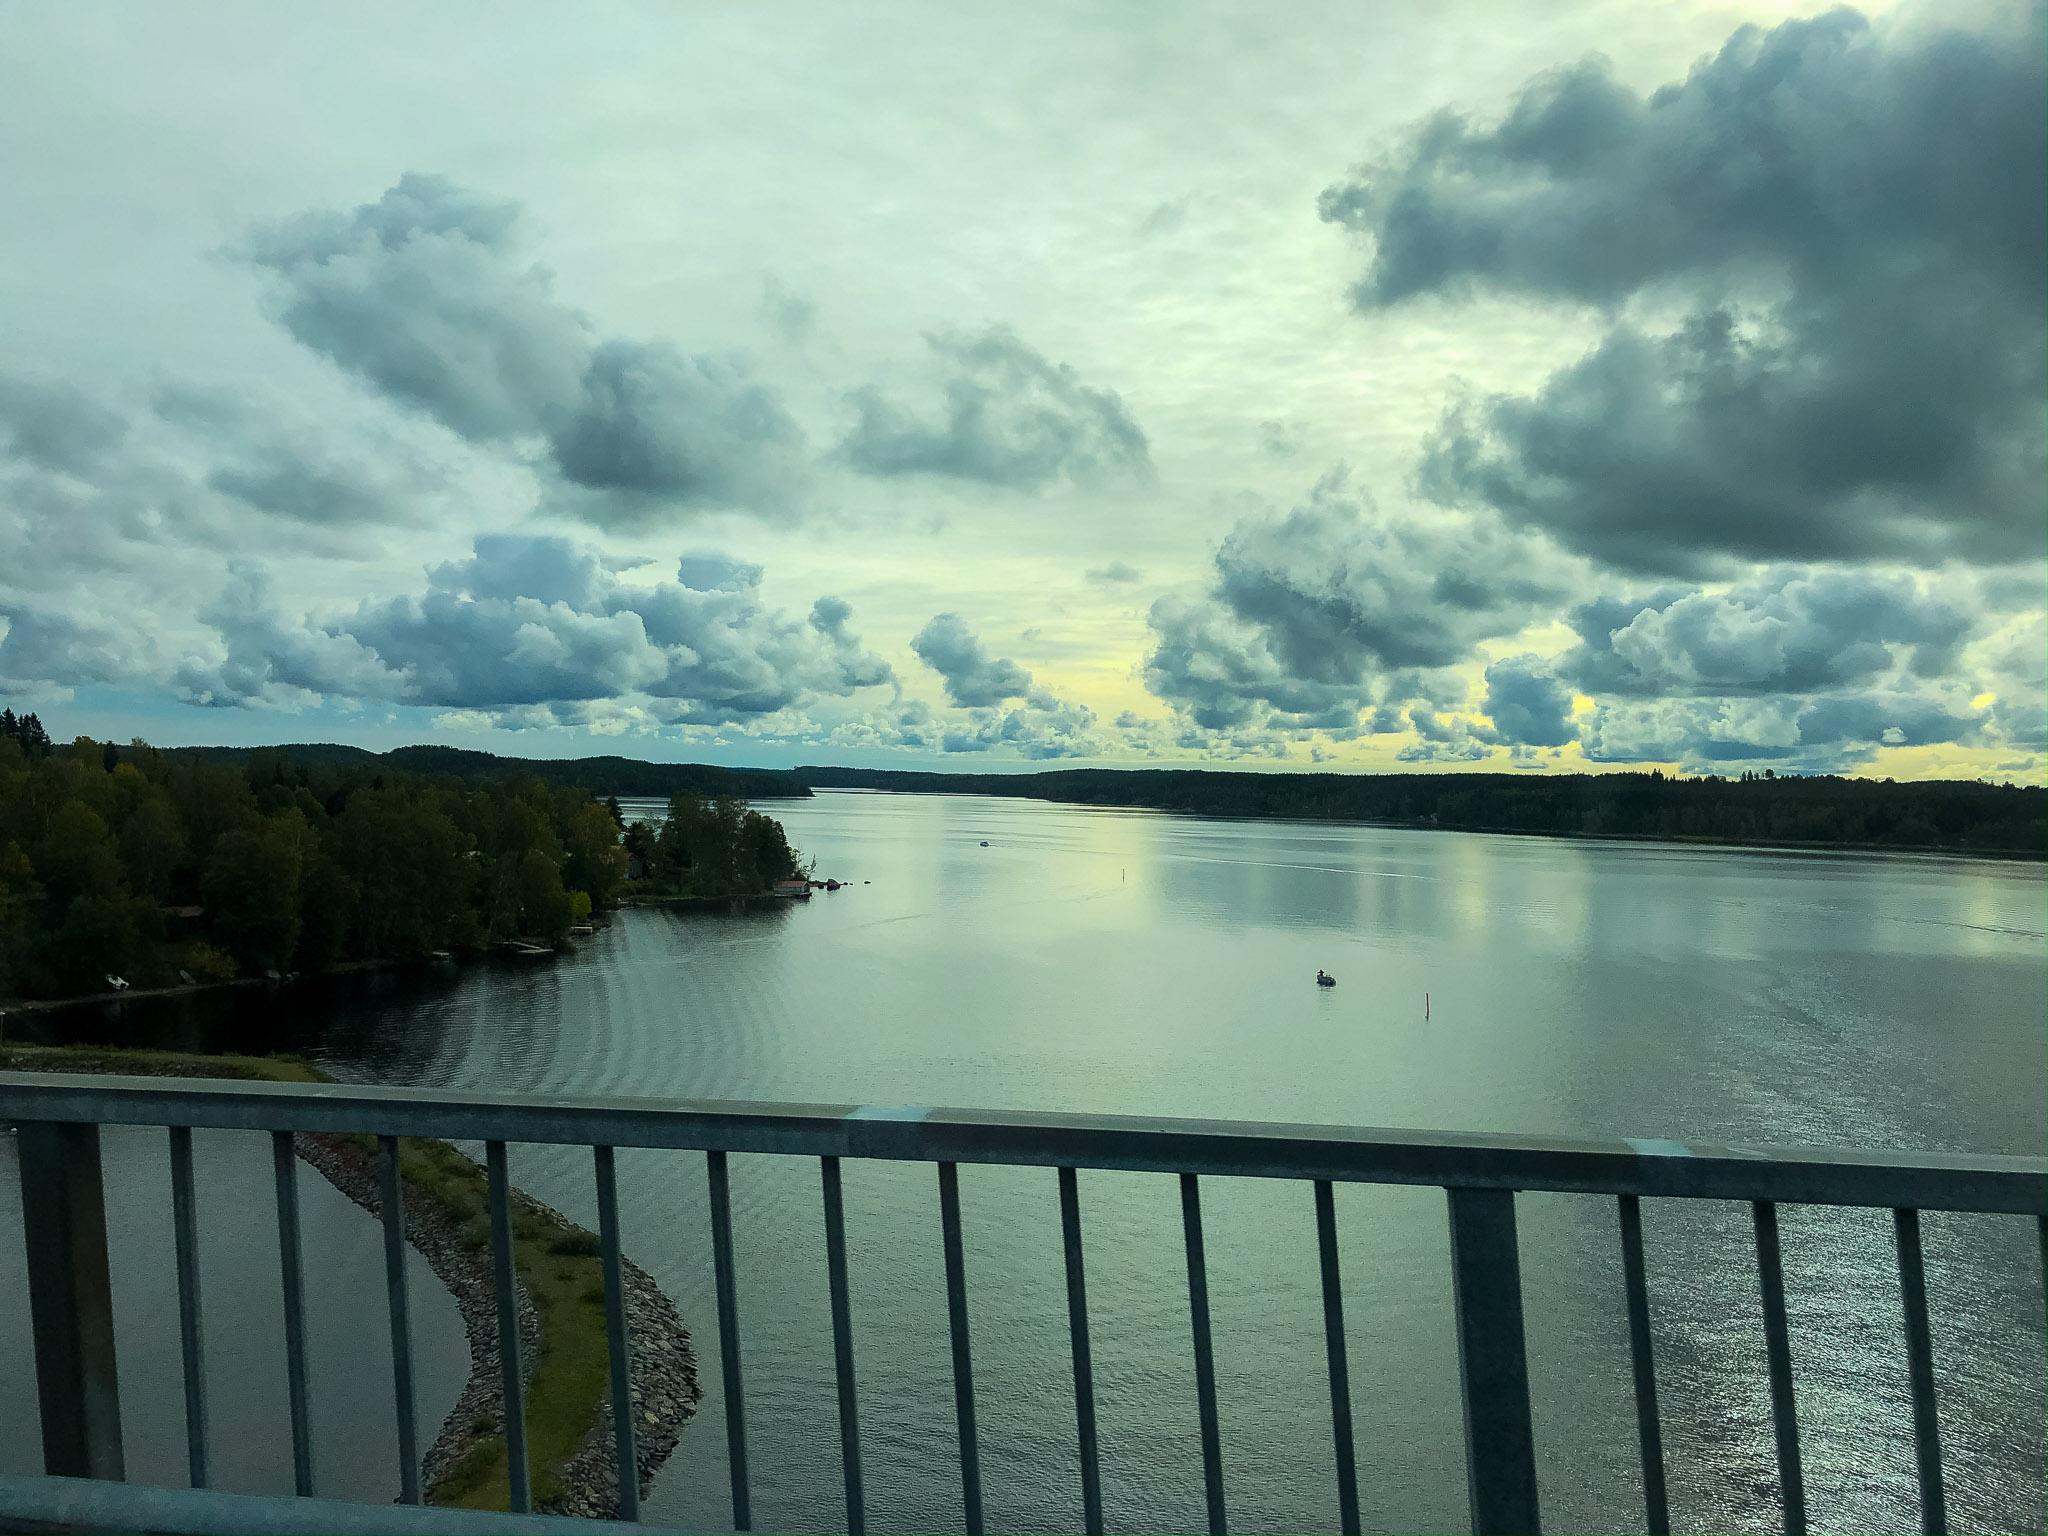 Fahrt über Brücke